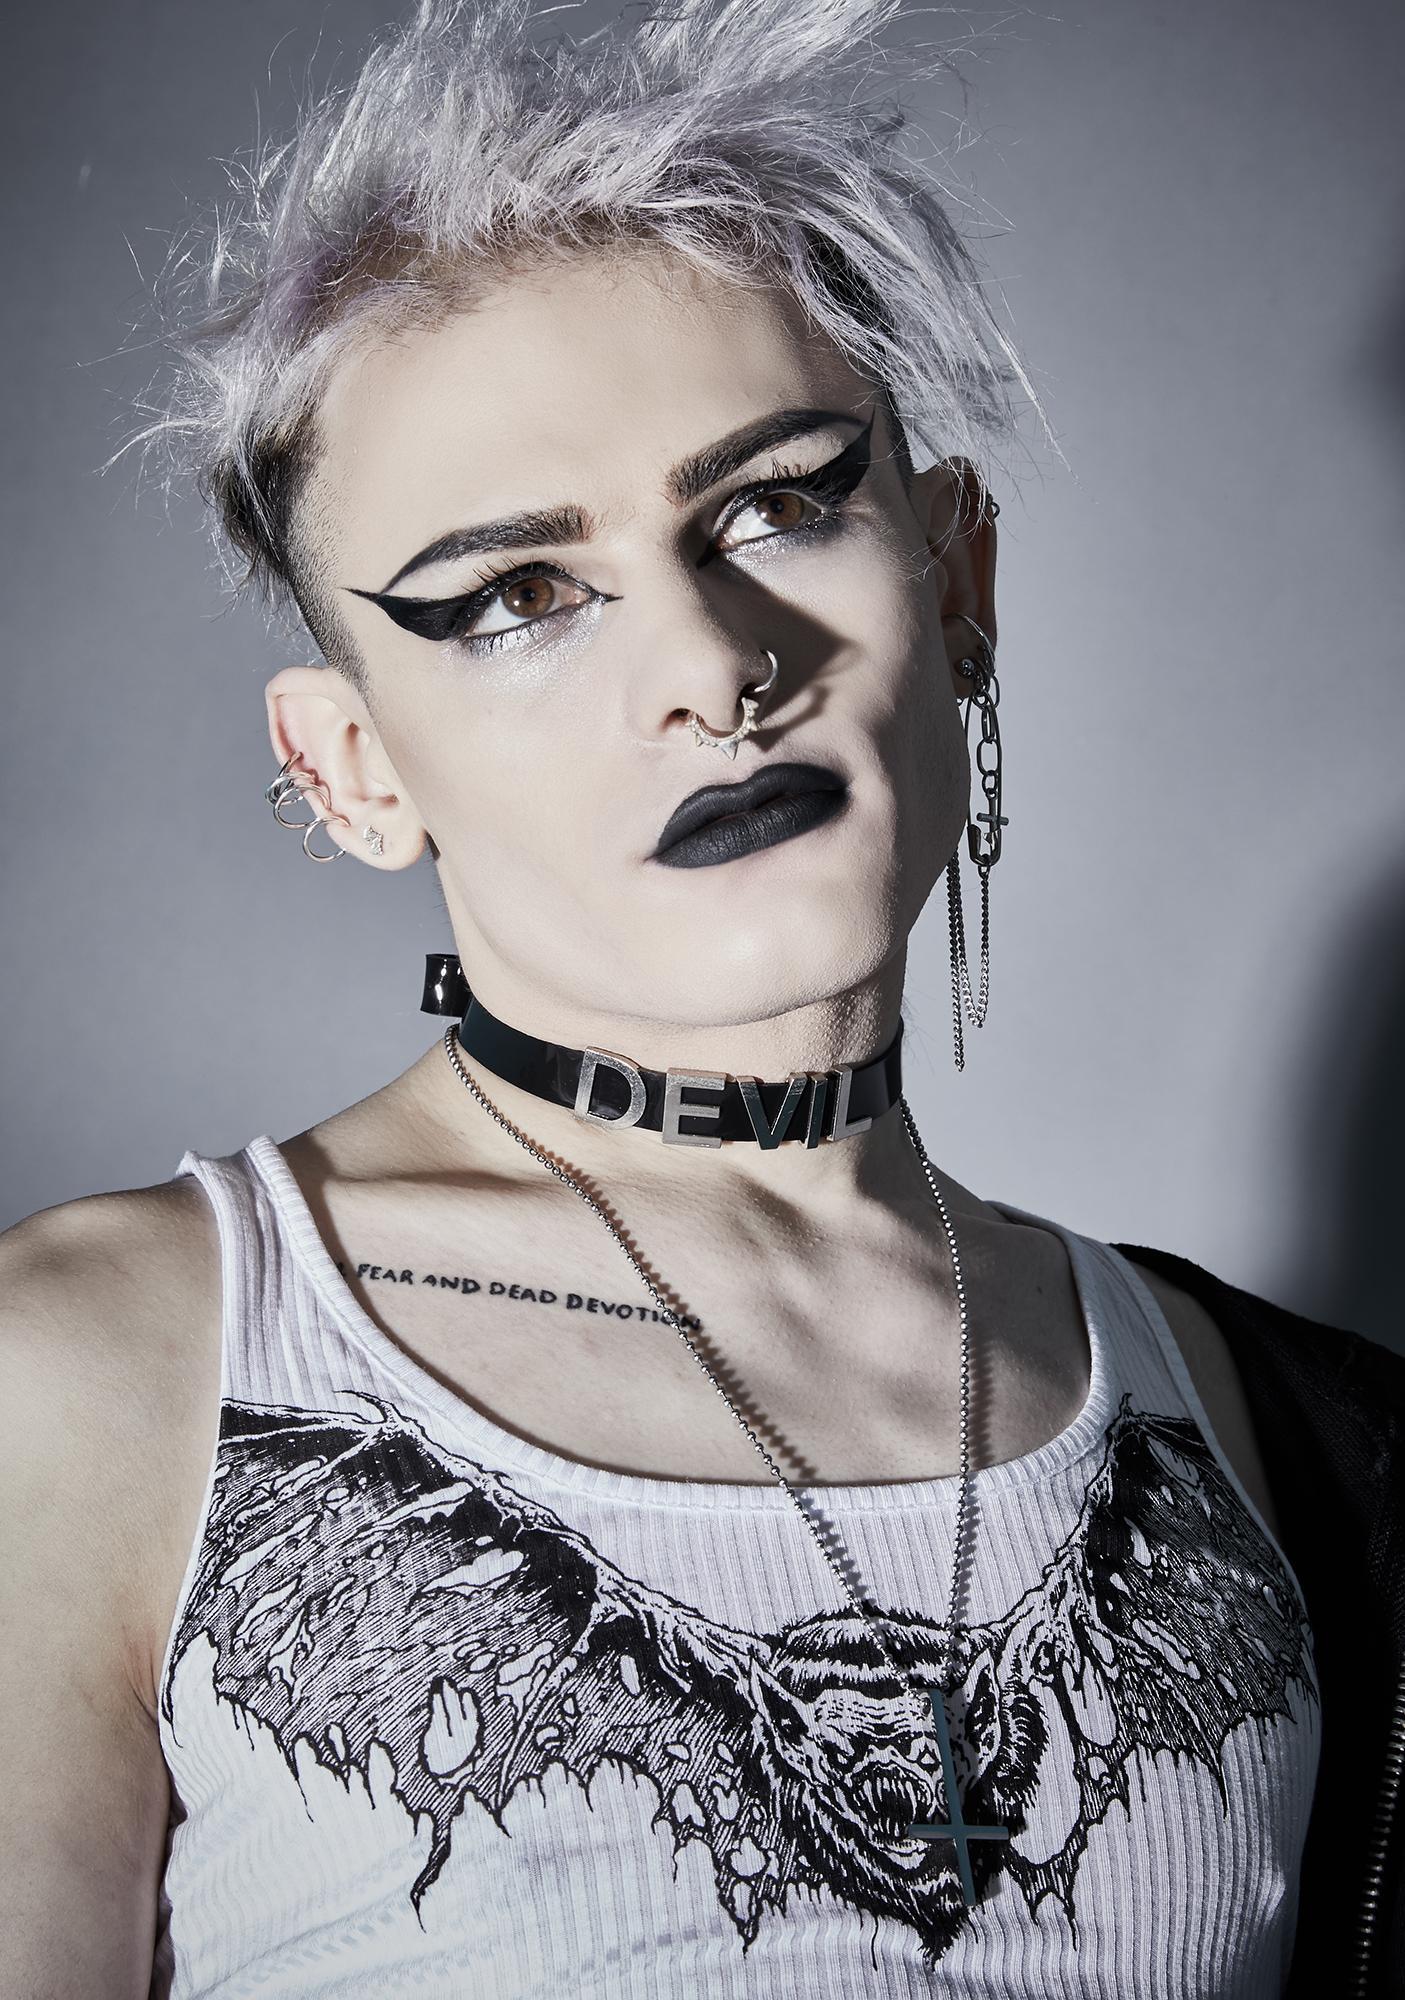 Funk Plus Devil's Disciple Vegan Leather Choker